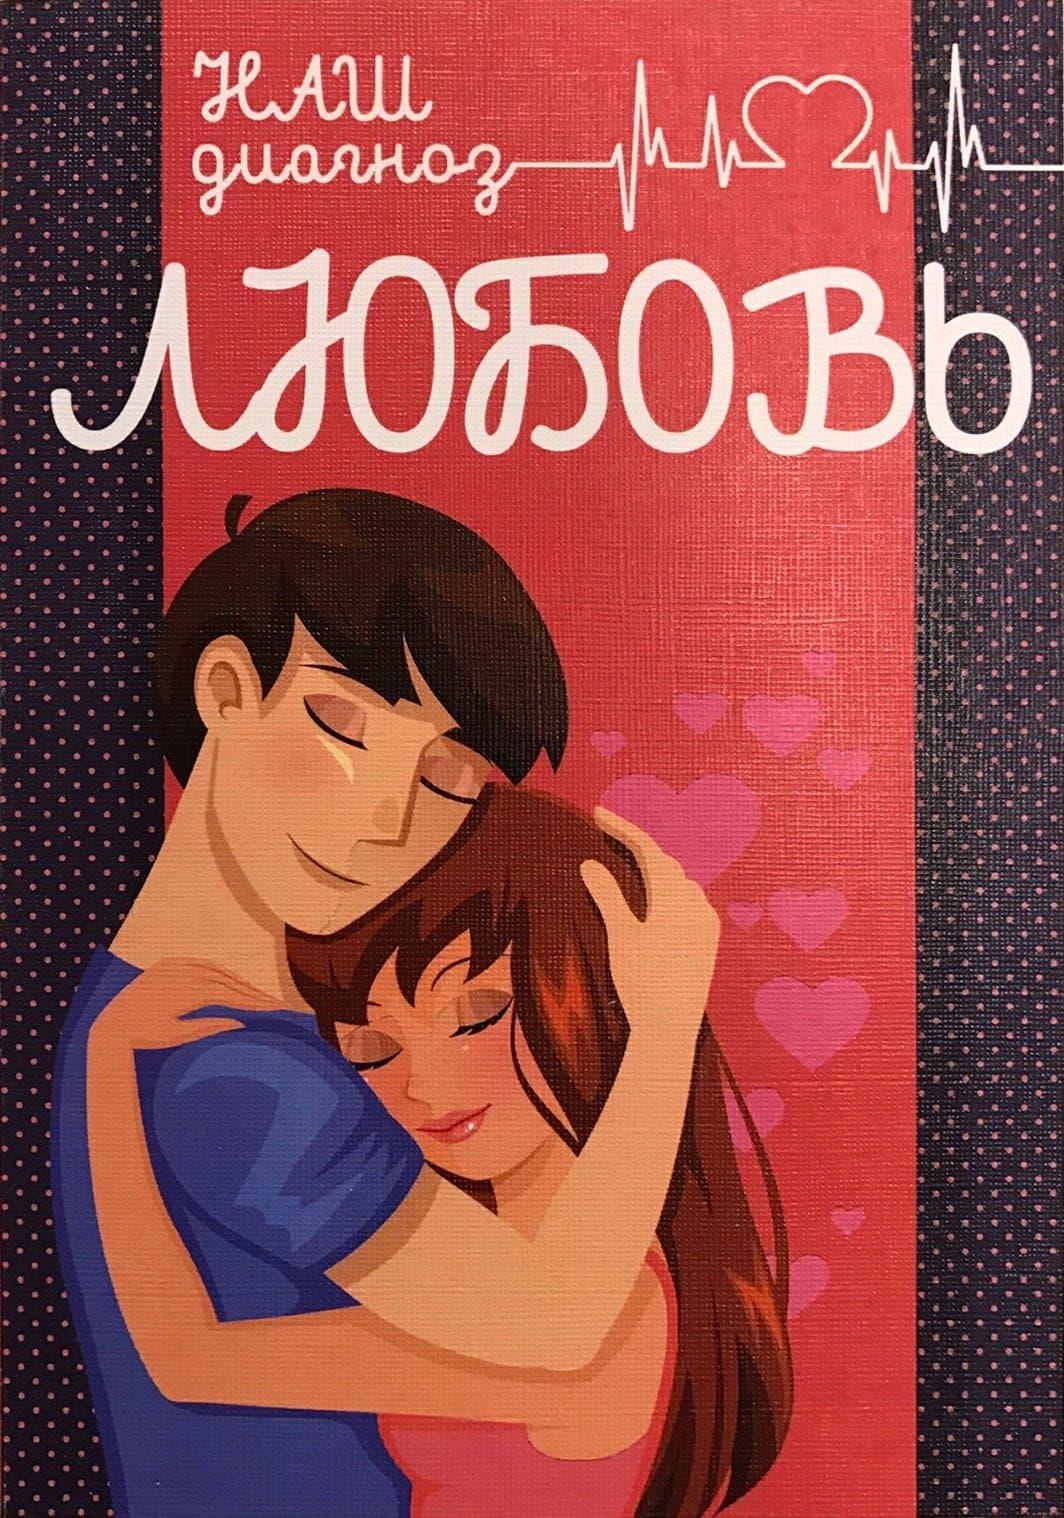 Шоколадная открытка наш диагноз ЛюбовьОткрытки с шоколадками<br><br>